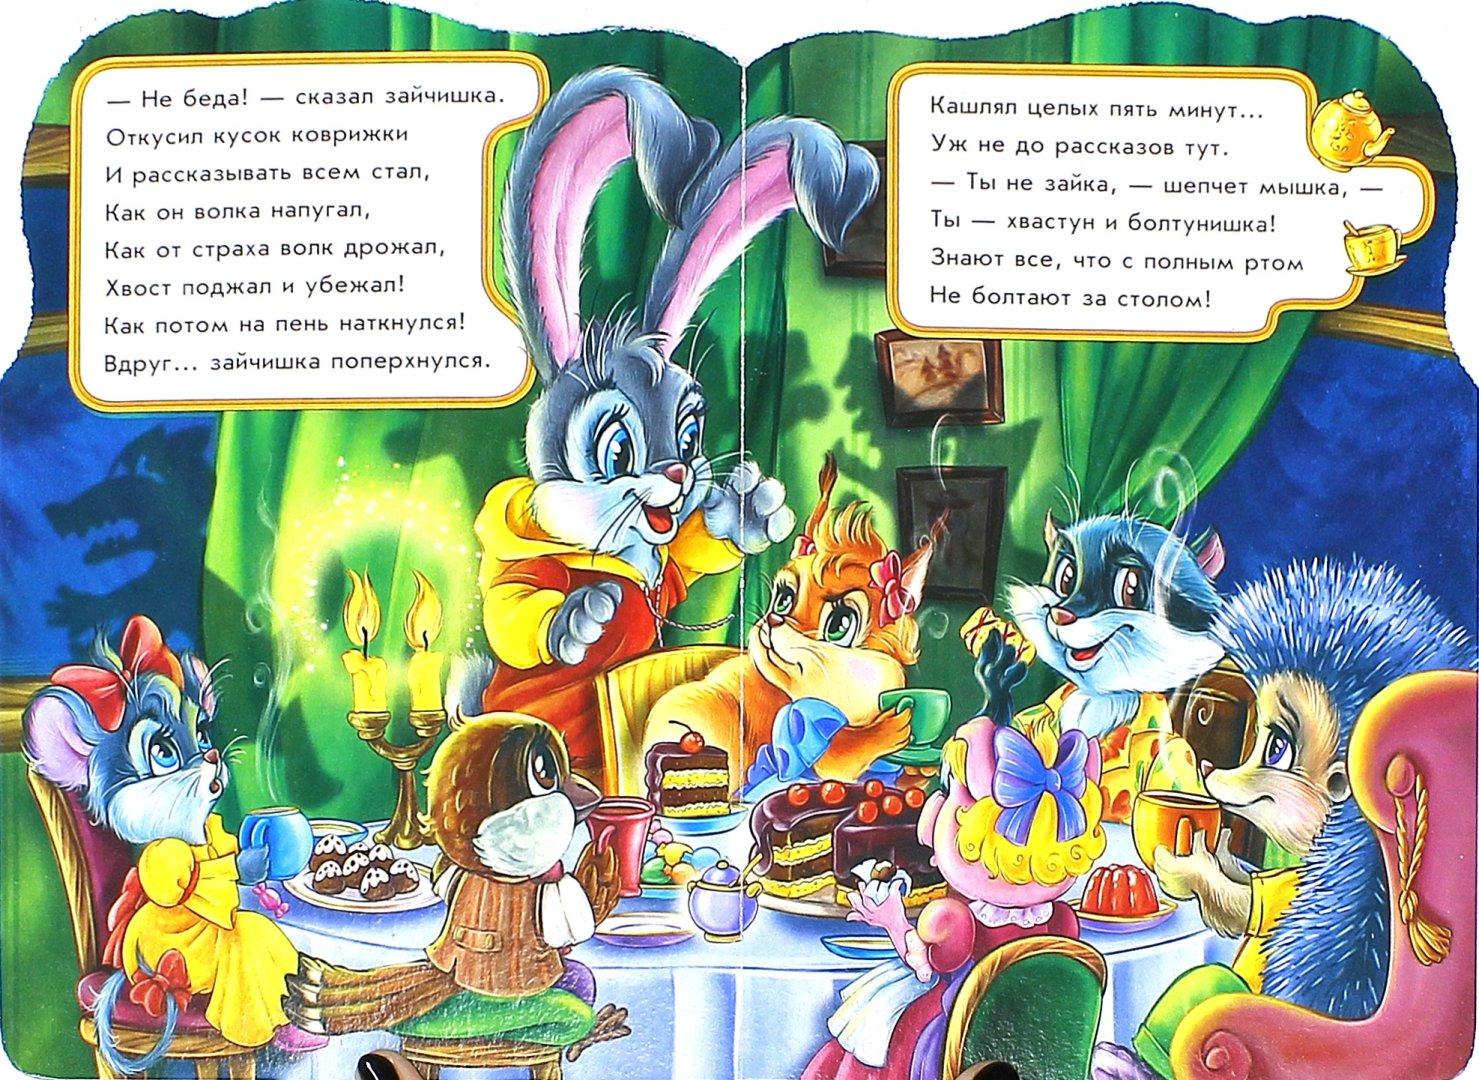 Иллюстрация 1 из 5 для В гостях - Ирина Солнышко | Лабиринт - книги. Источник: Лабиринт